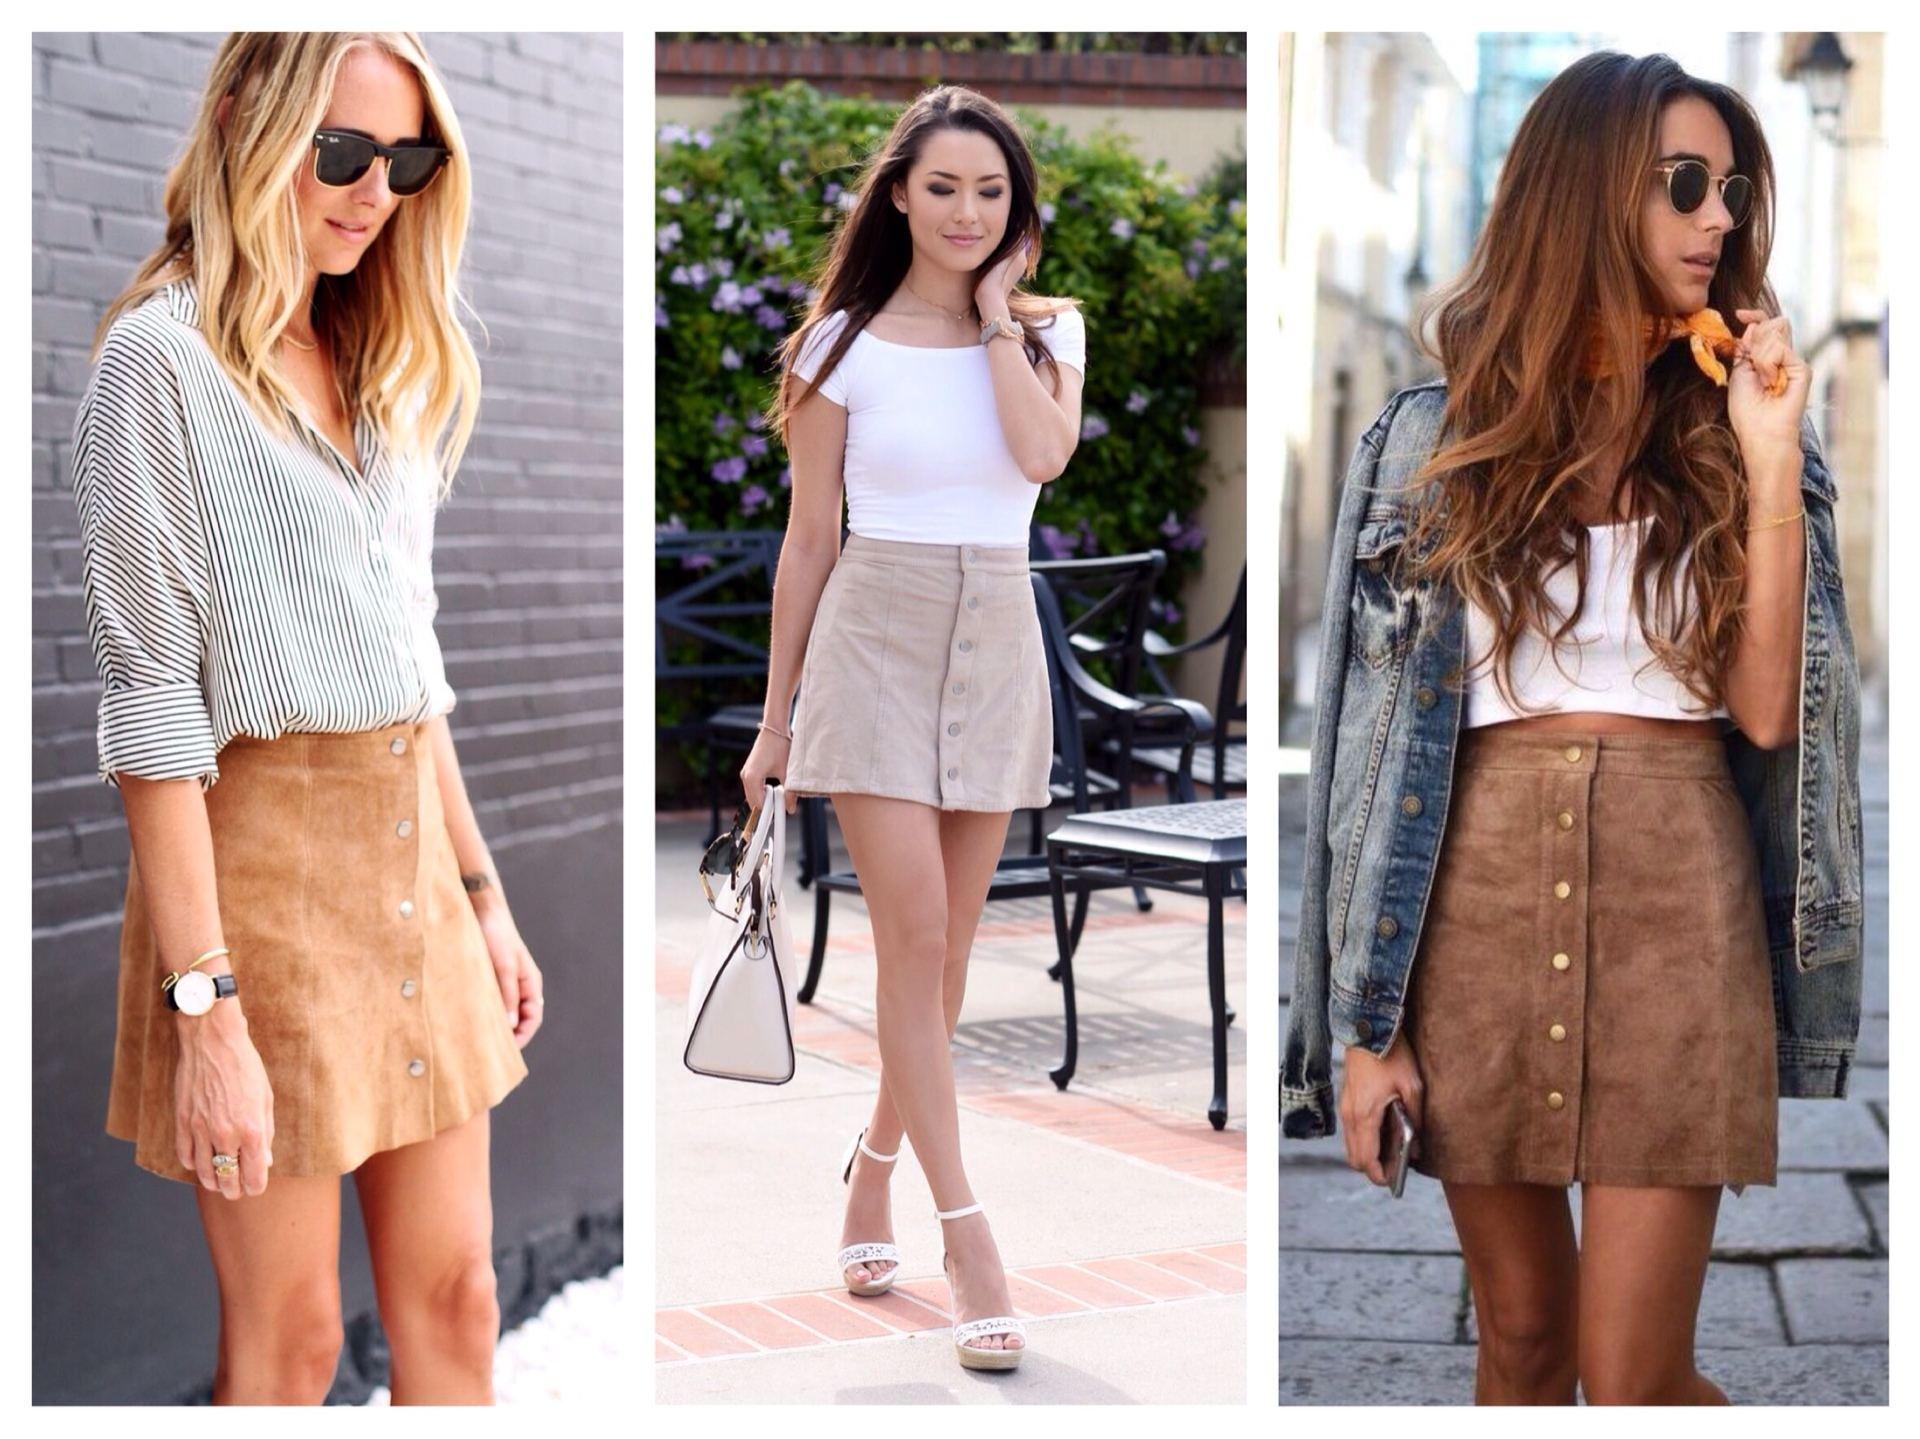 Короткая юбка в образе